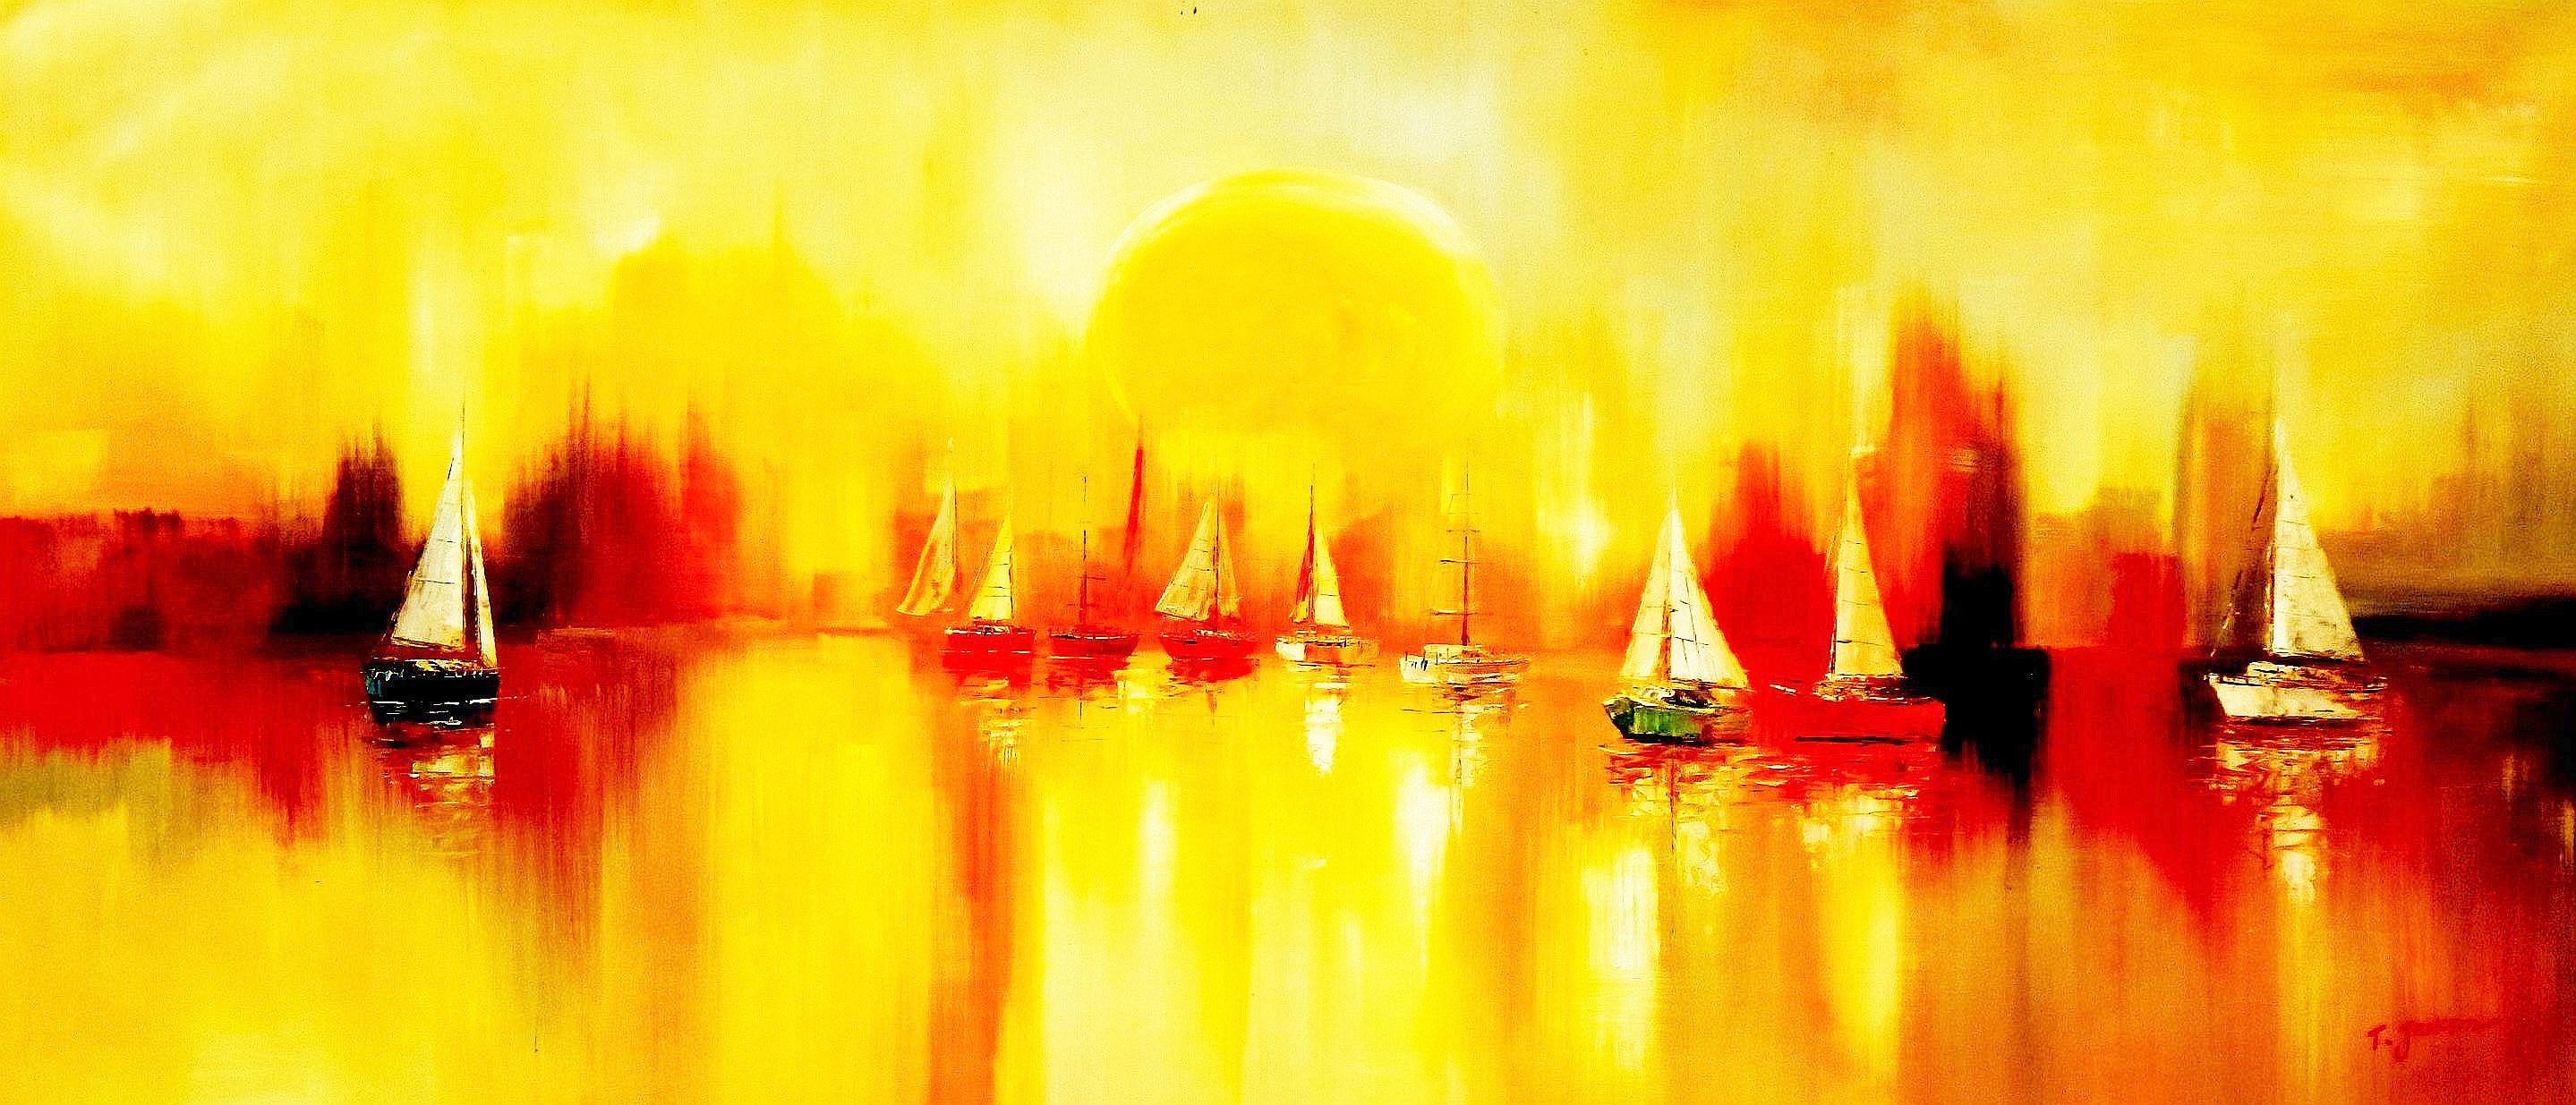 Segelboote auf dem Gardasee t90849 75x180cm modernes Gemälde handgemalt